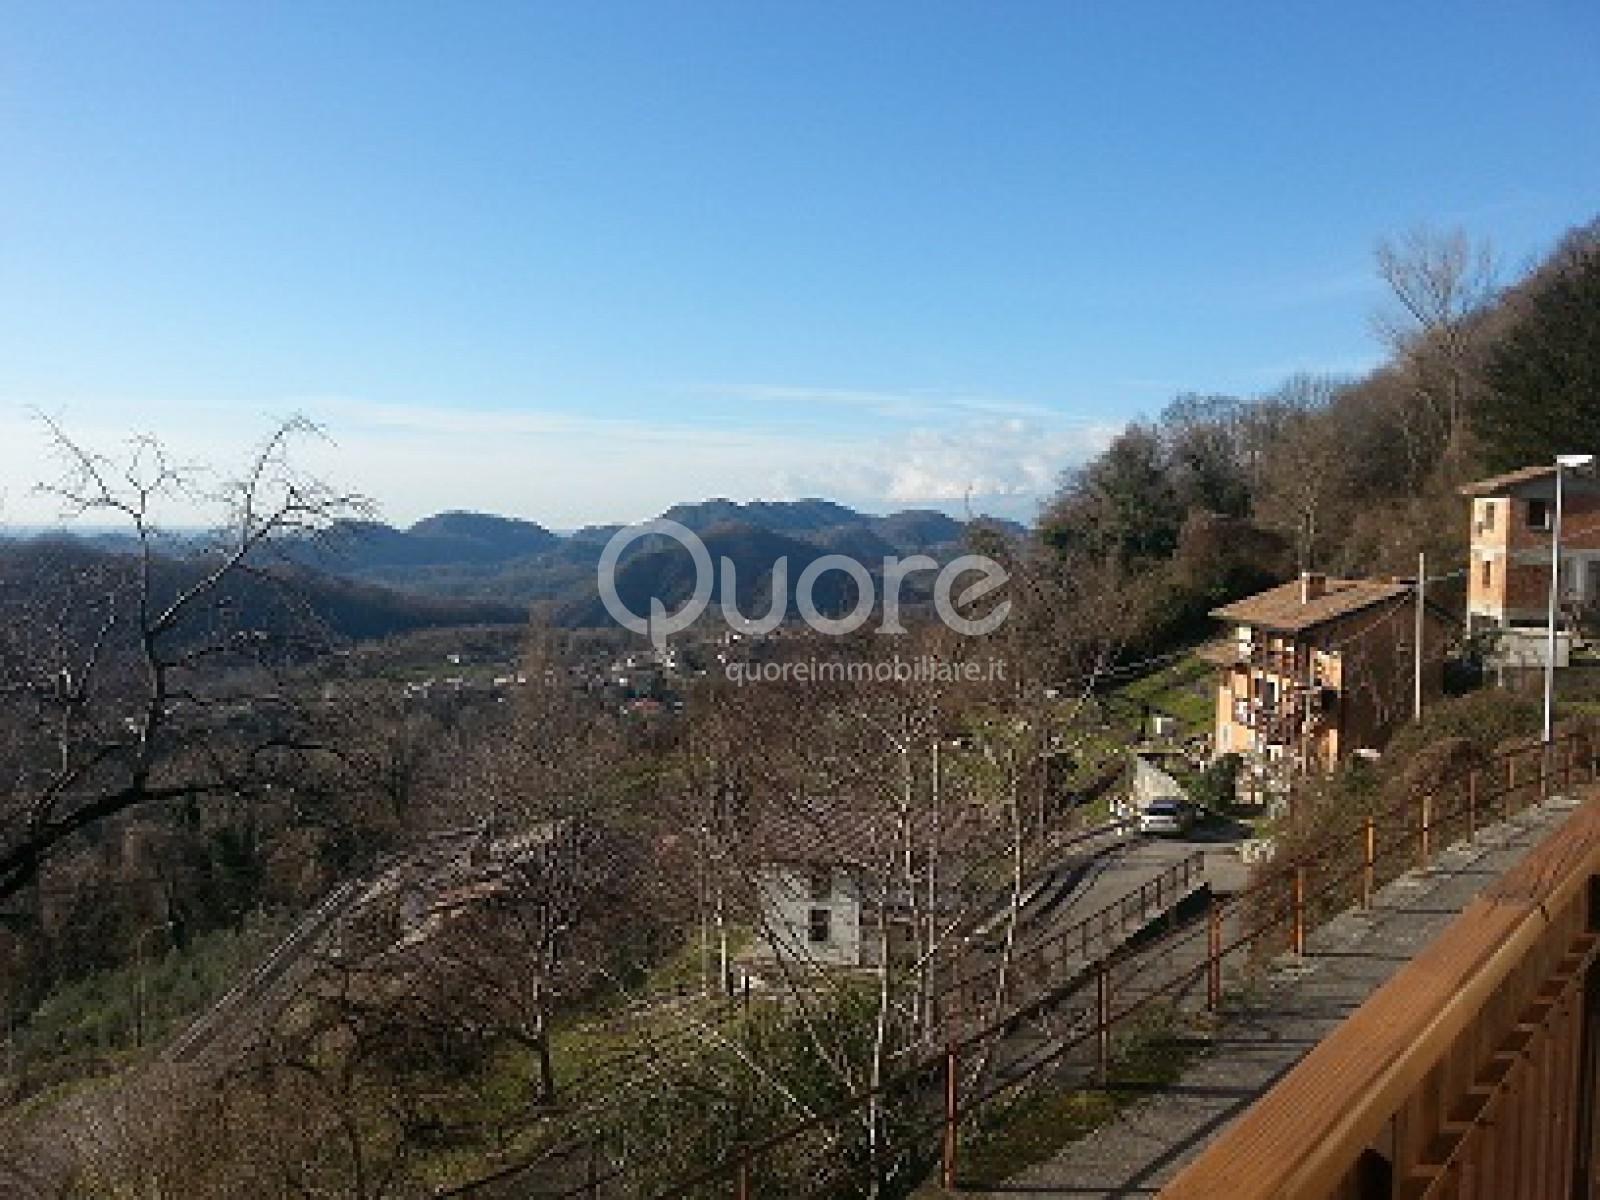 Soluzione Indipendente in vendita a Forgaria nel Friuli, 5 locali, zona Località: ForgariaNelFriuli, prezzo € 100.000 | Cambio Casa.it